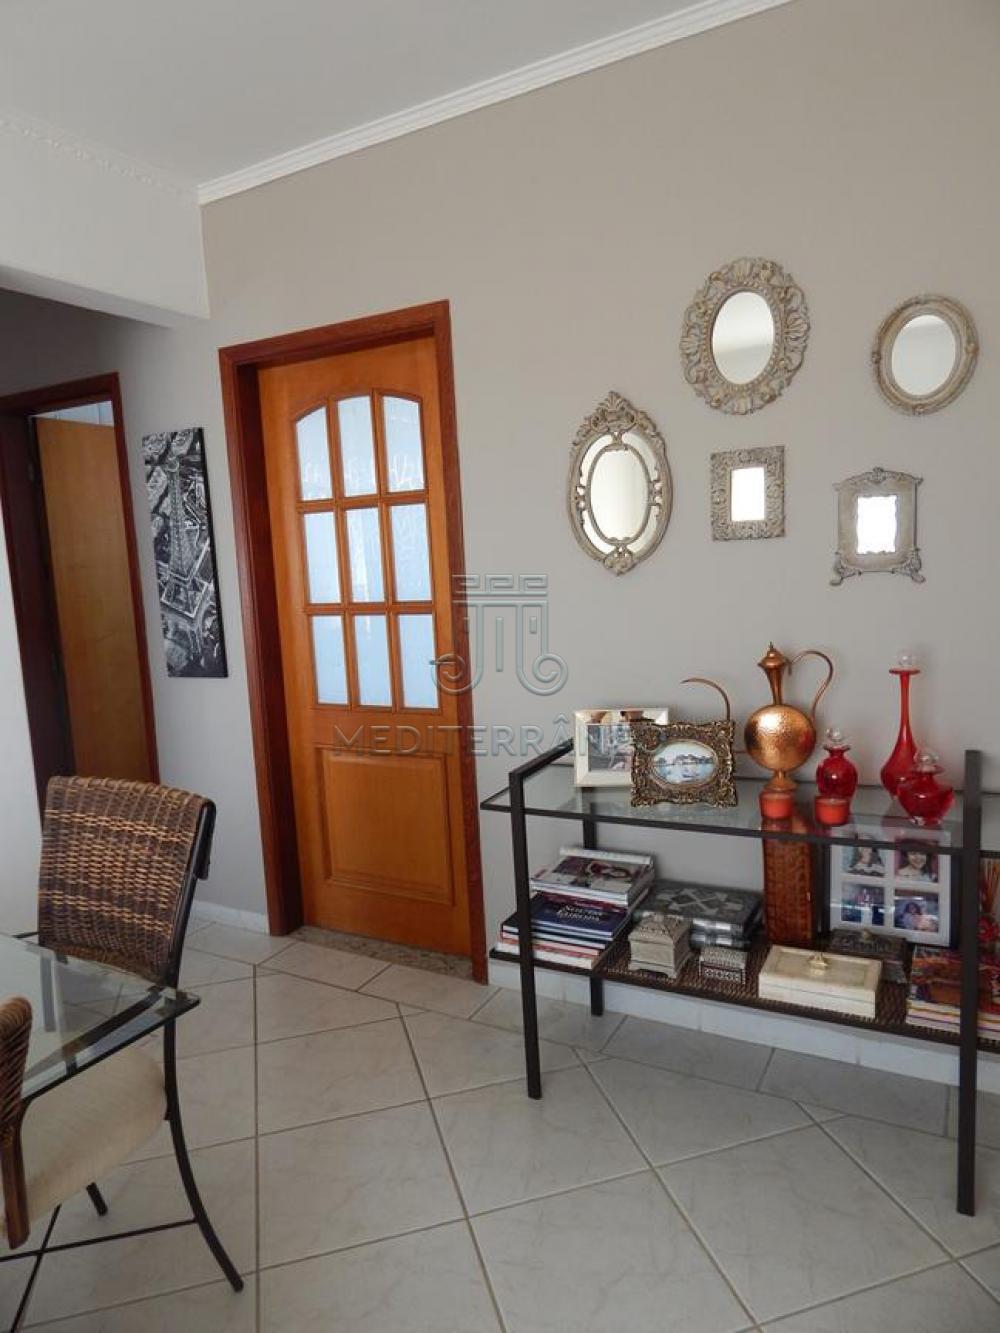 Comprar Apartamento / Padrão em Jundiaí apenas R$ 260.000,00 - Foto 14